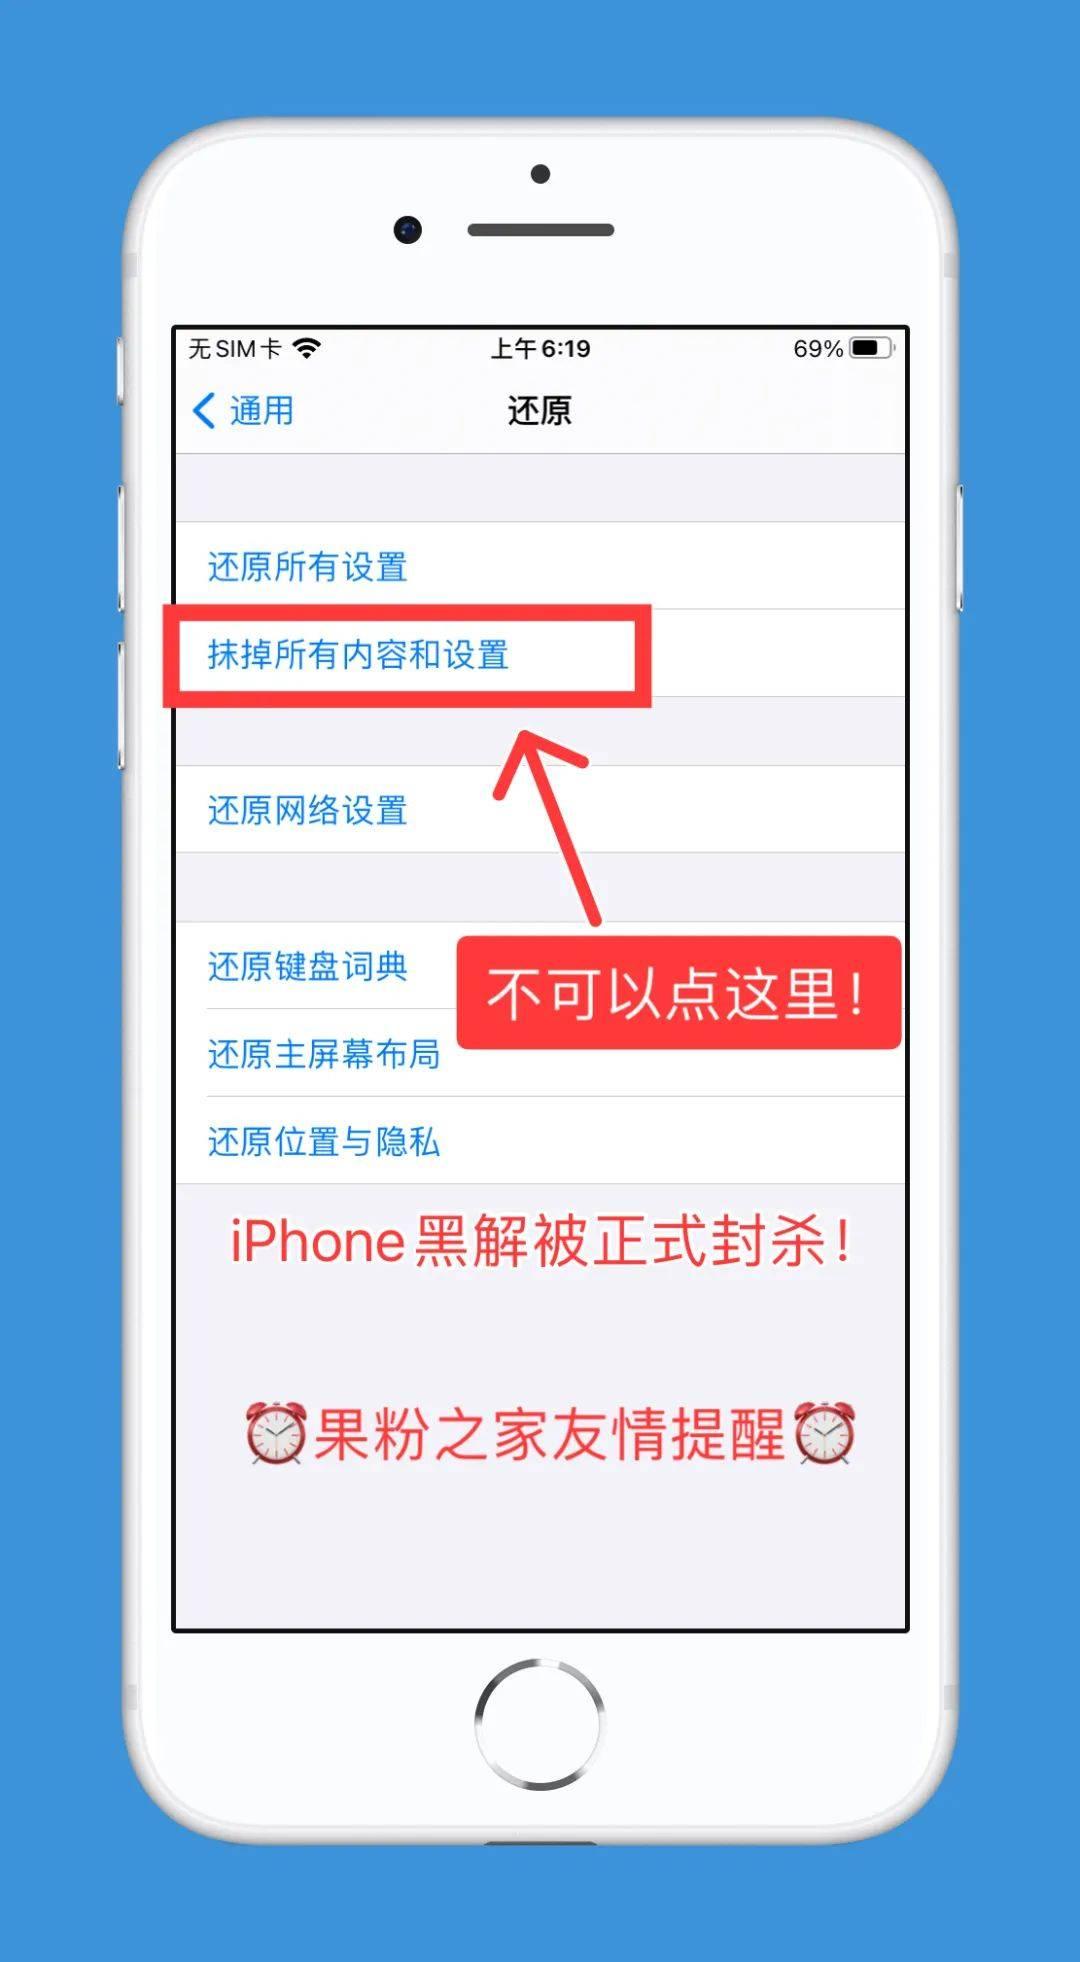 蘋果全網封殺有鎖iPhone!為iPhone 13讓路嗎?